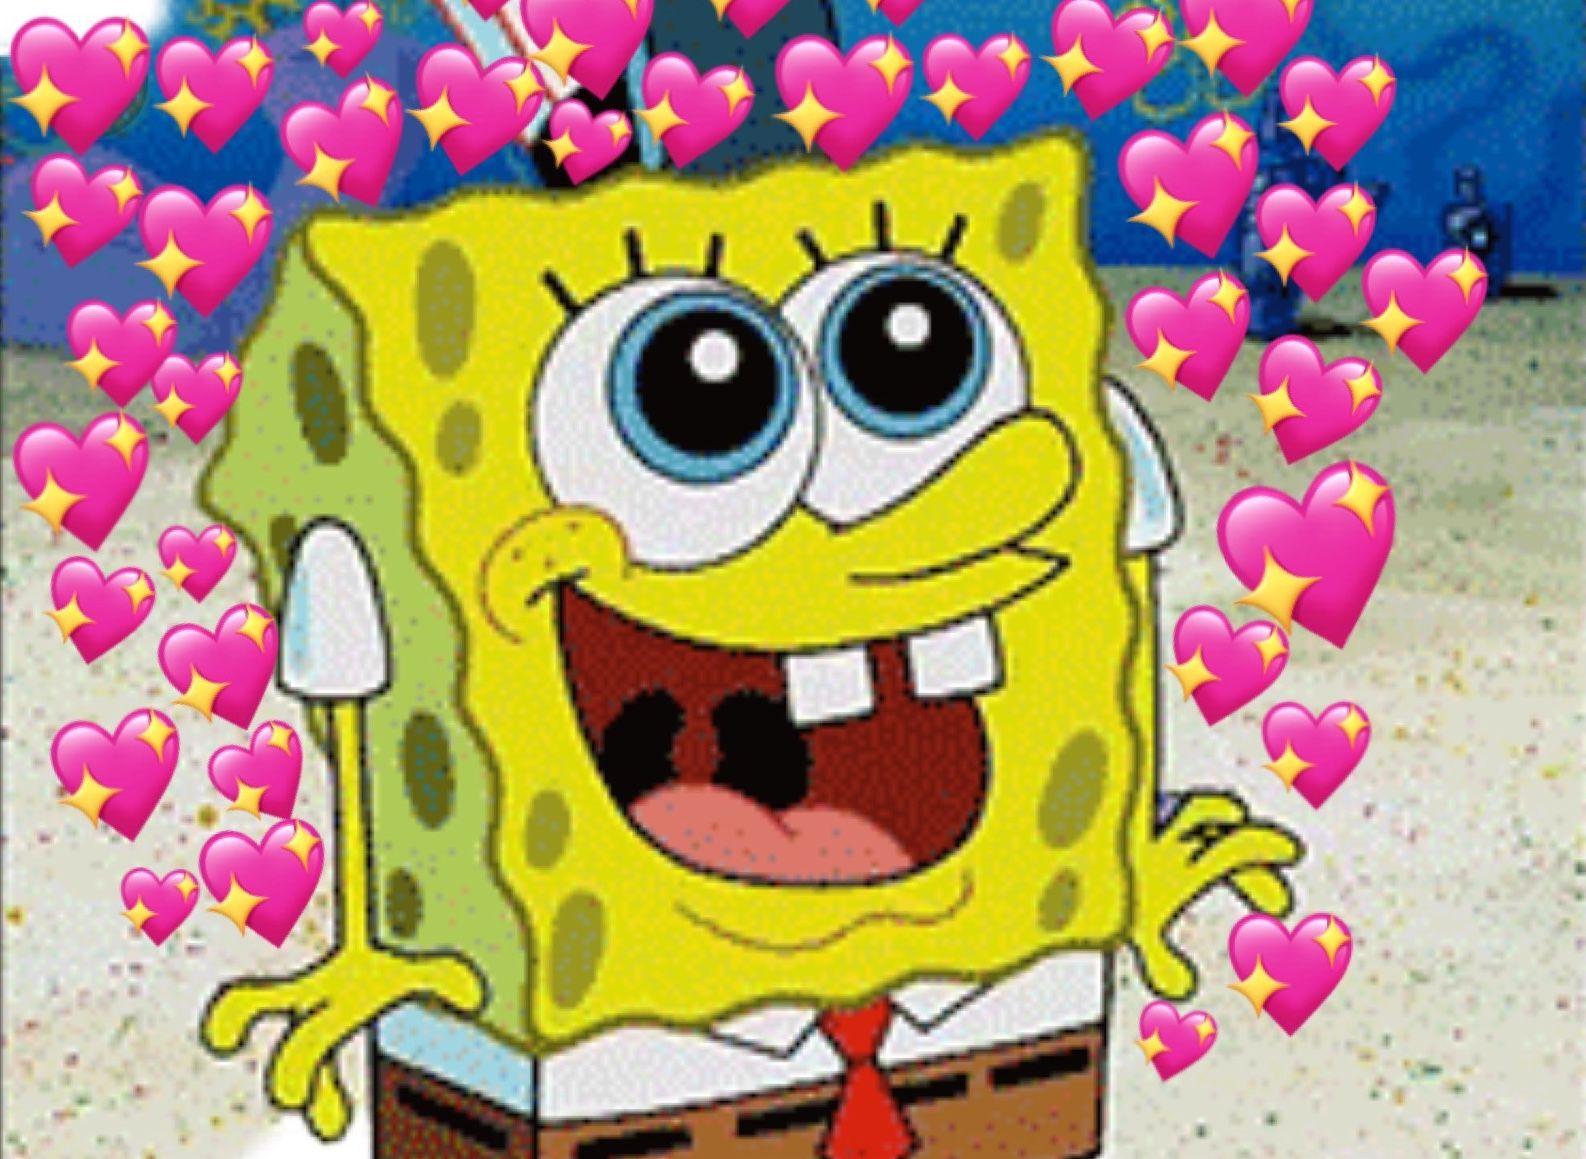 Aesthetic Spongebob Squarepants Loveeeeeee Yellow Mood Smile Spongebob Wallpaper Spongebob Spongebob Drawings